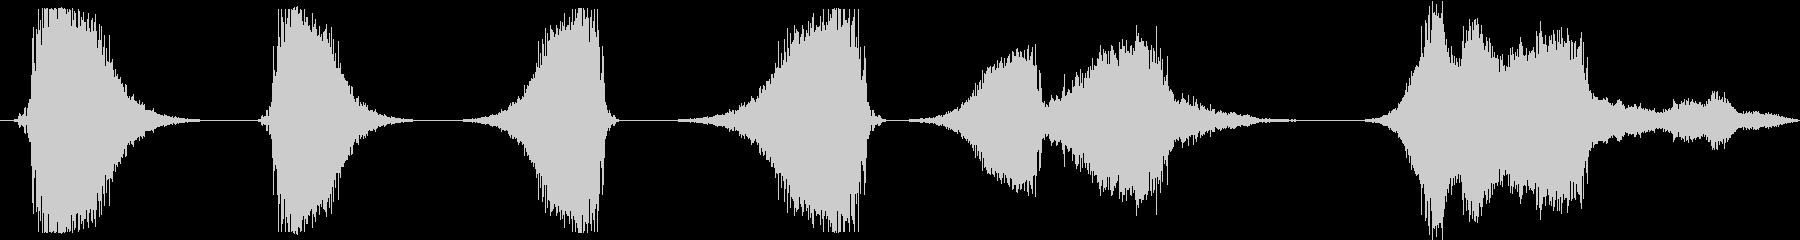 GRITTYアグレッシブスペースウ...の未再生の波形